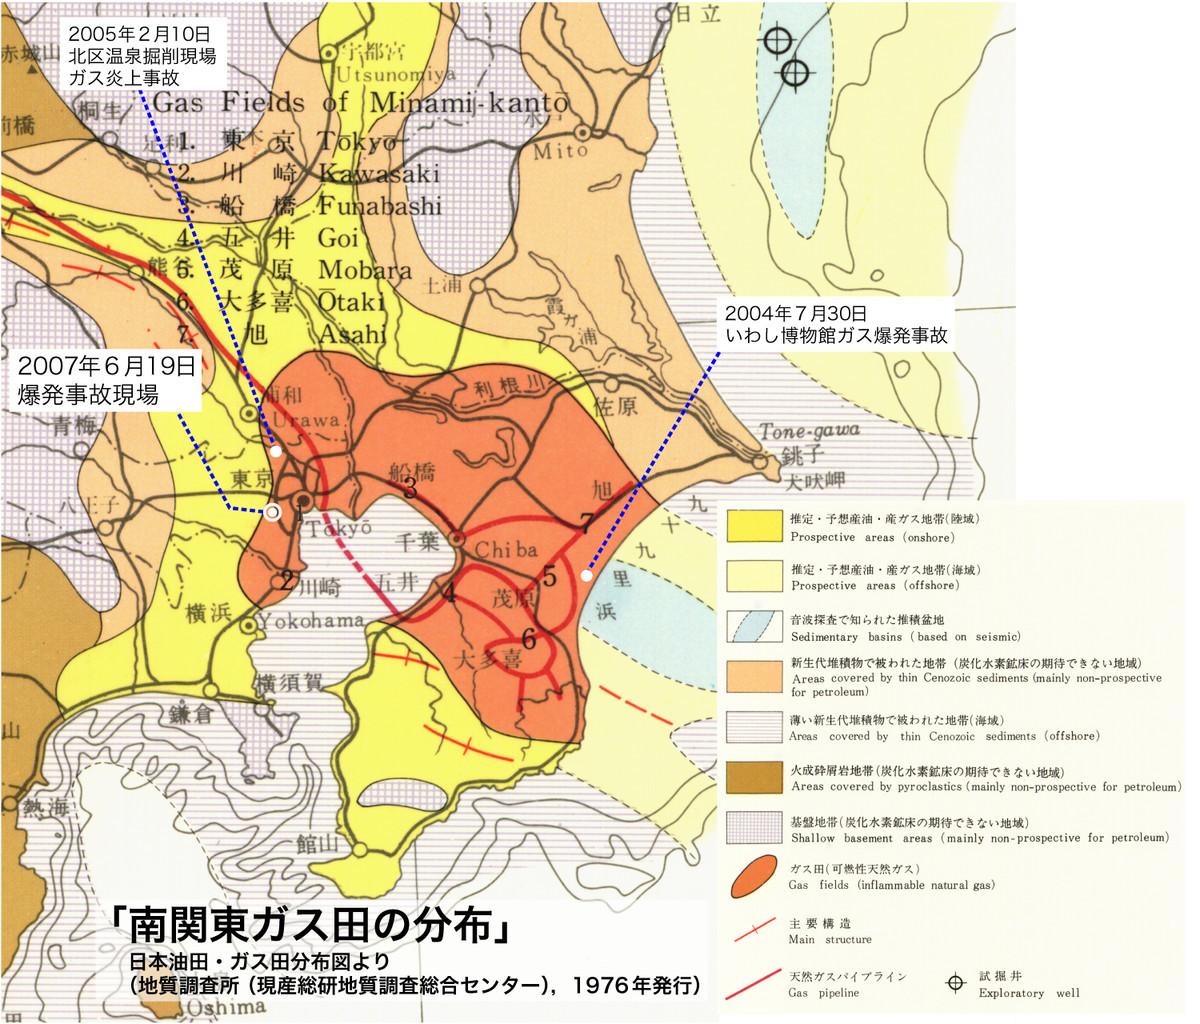 f:id:suguru_125:20200821141224j:plain